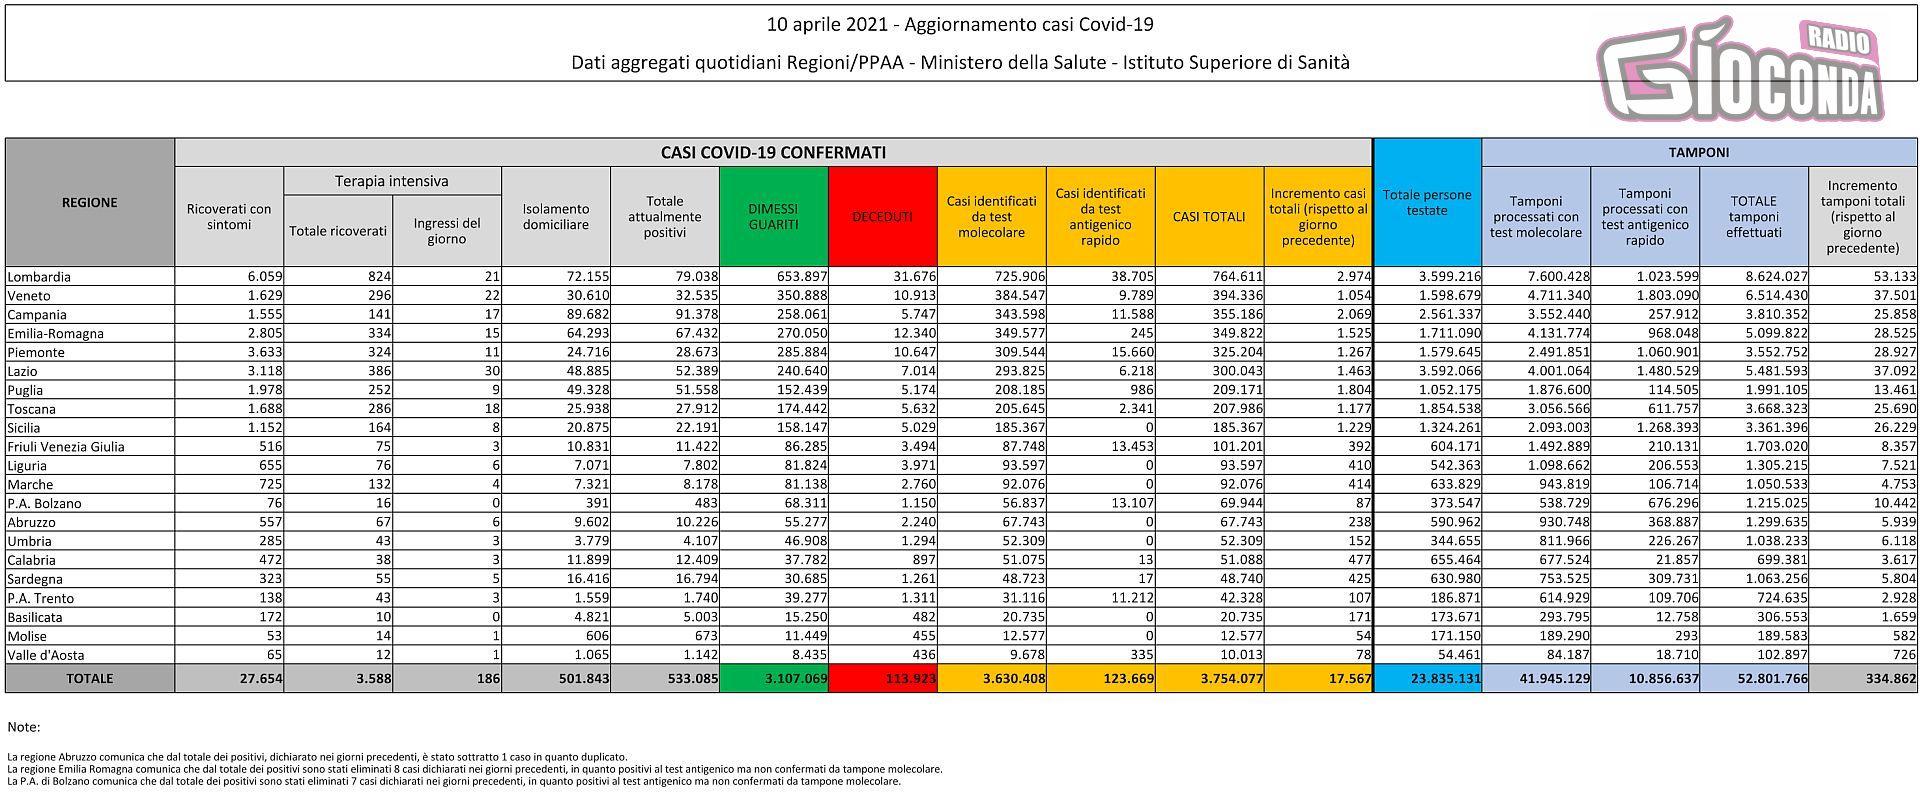 10 aprile 2021 - Aggiornamento casi Covid-19 Dati aggregati quotidiani Regioni/PPAA - Ministero della Salute - Istituto Superiore di Sanità